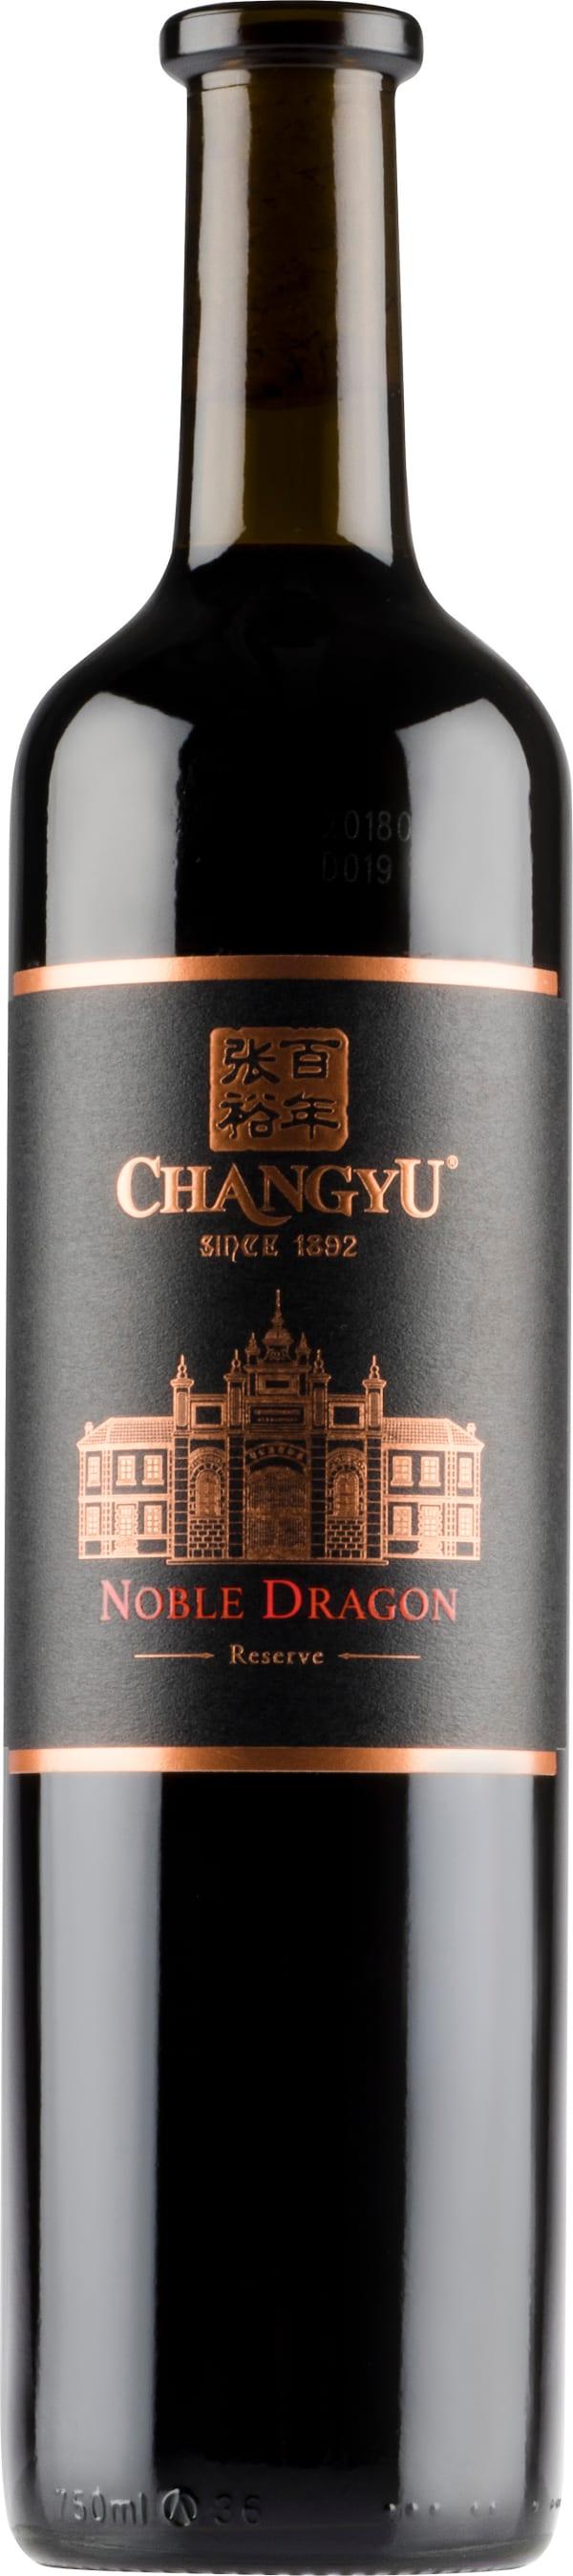 Changyu Noble Dragon 2013